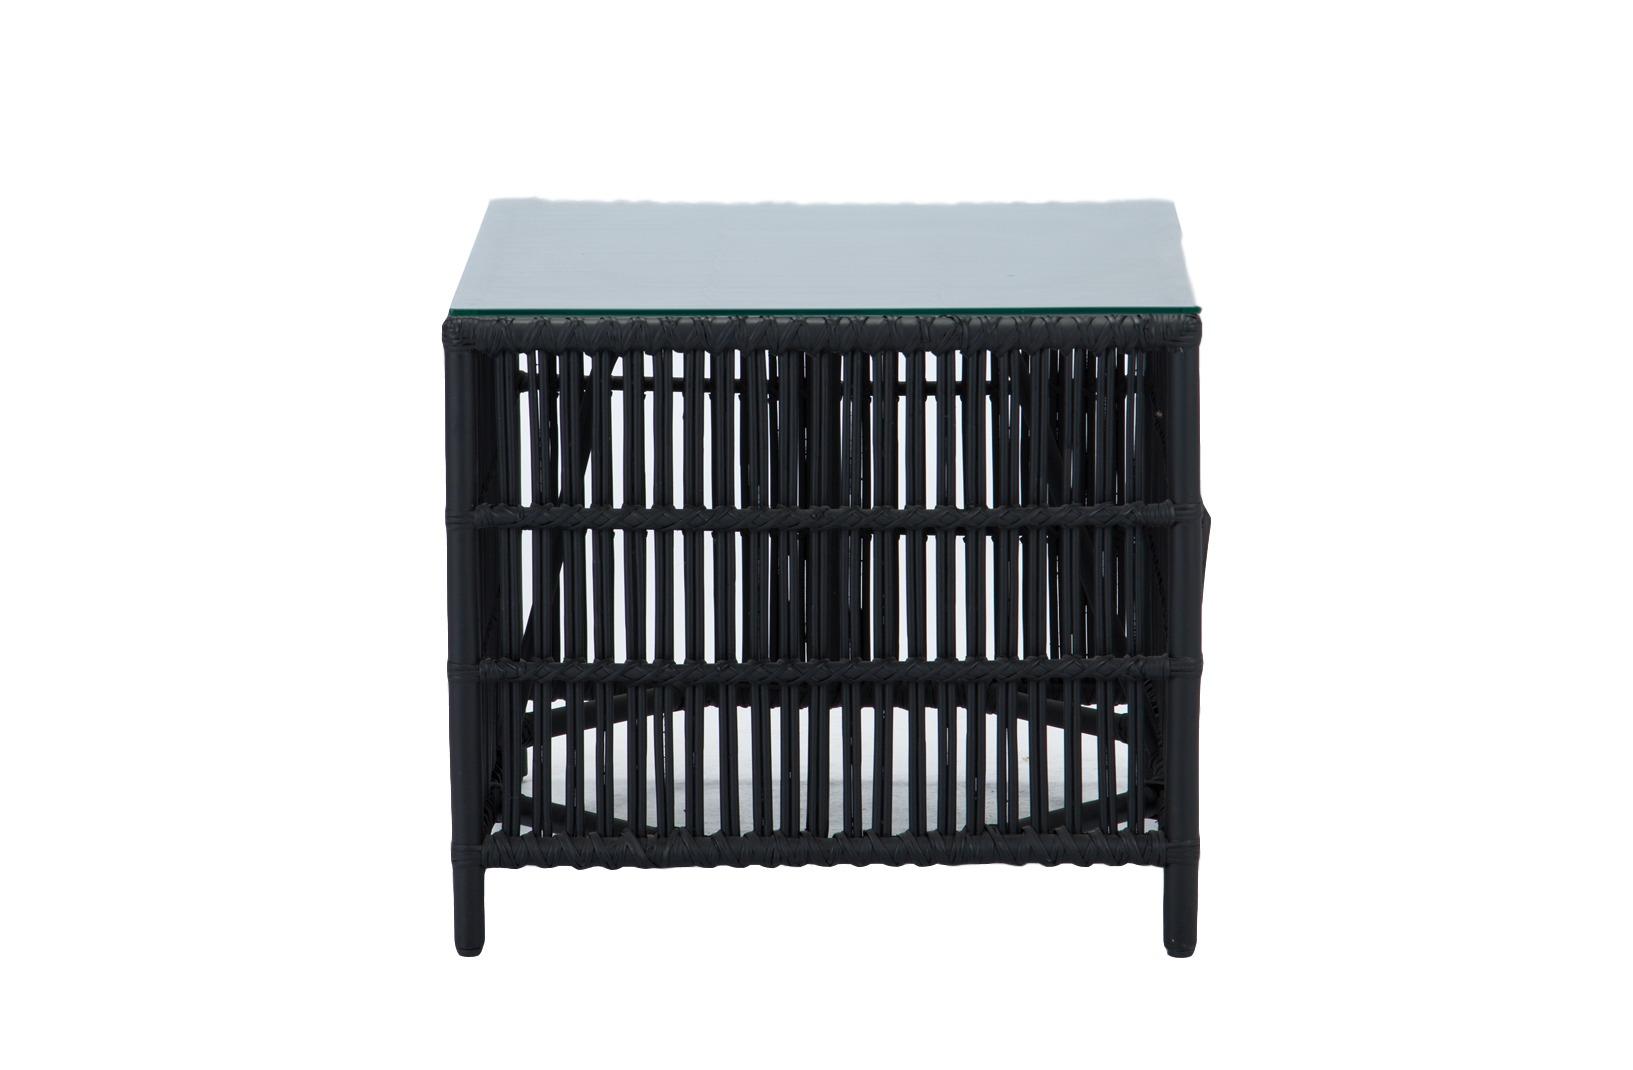 Стол кофейныйСтолы и столики для сада<br>Кофейный столик из ротанга со столешницей из прозрачного стекла. Идеально подходит к дивану и креслам из этой коллекции.<br><br>Material: Ротанг<br>Ширина см: 60<br>Высота см: 54<br>Глубина см: 60